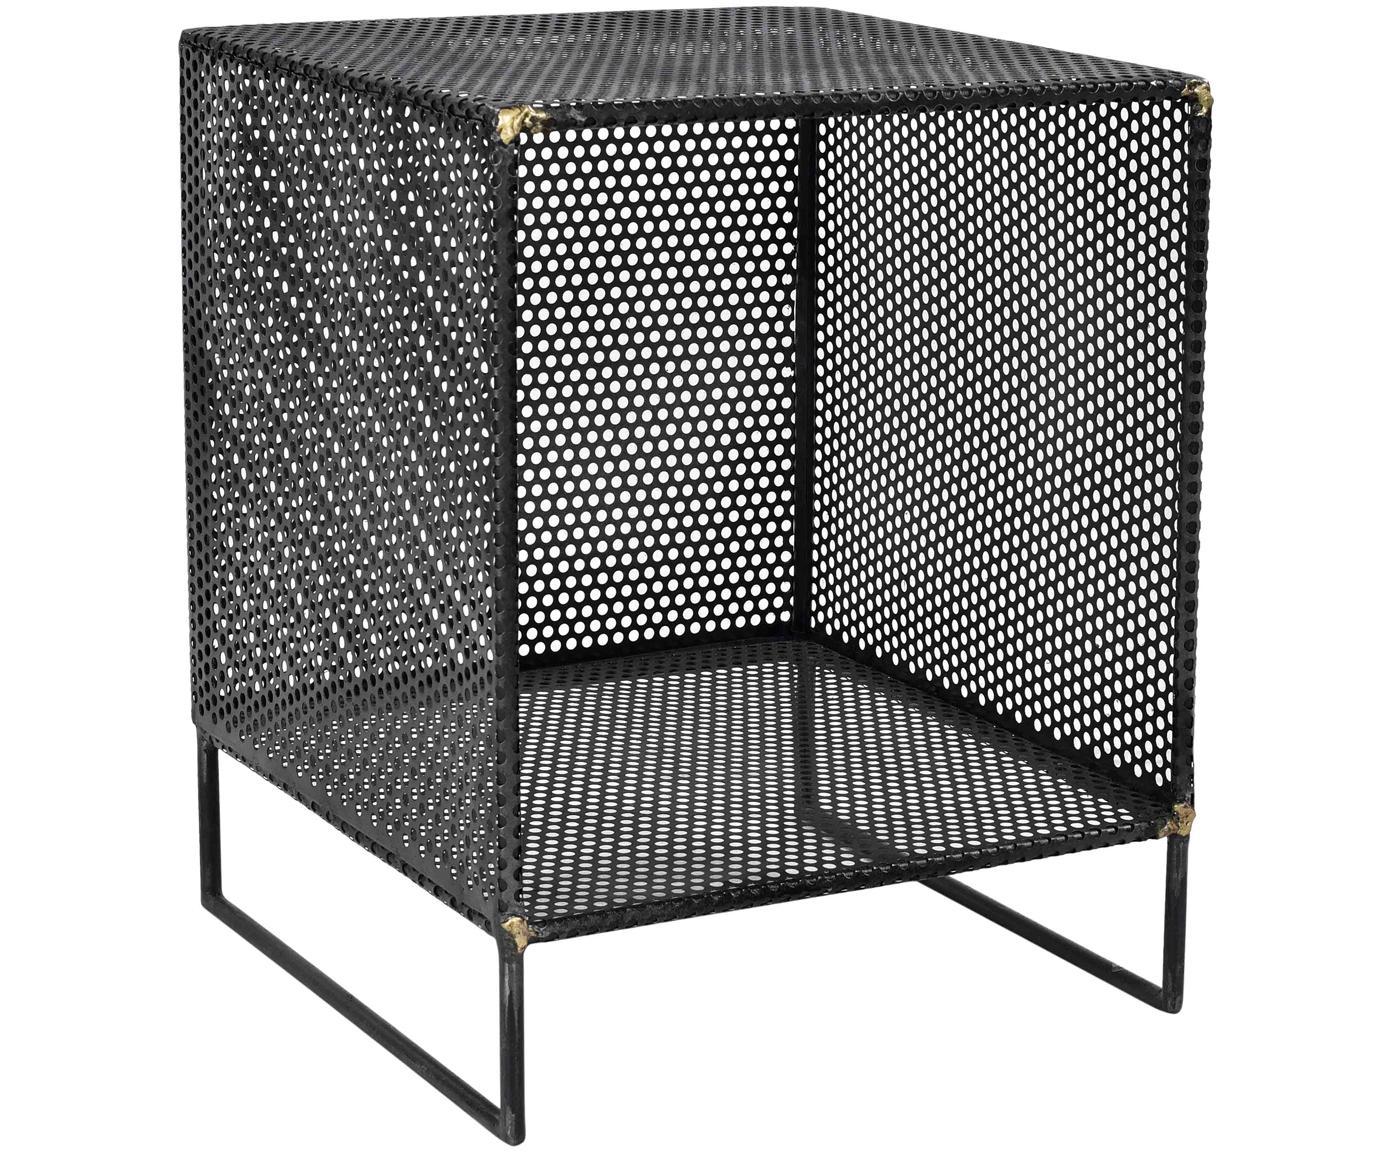 Mesa auxiliar de metal Loft, Metal perforado, con soldaduras de latón visibles, Negro, An 40 x Al 50 cm